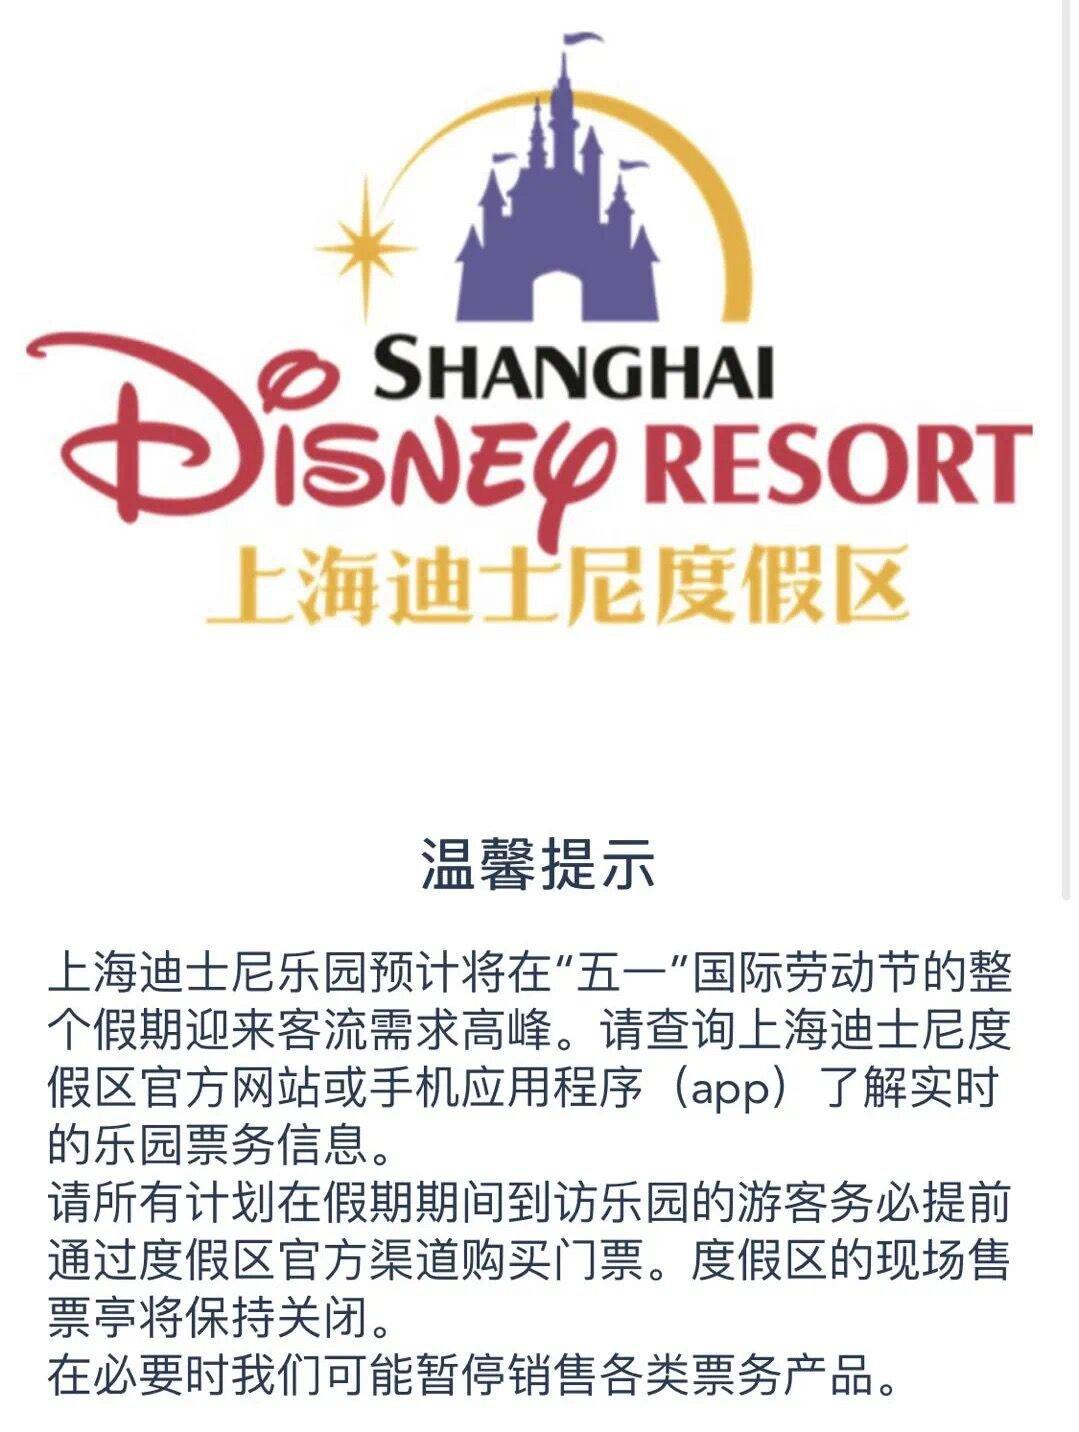 2021上海迪士尼五一开园时间+烟花秀时间